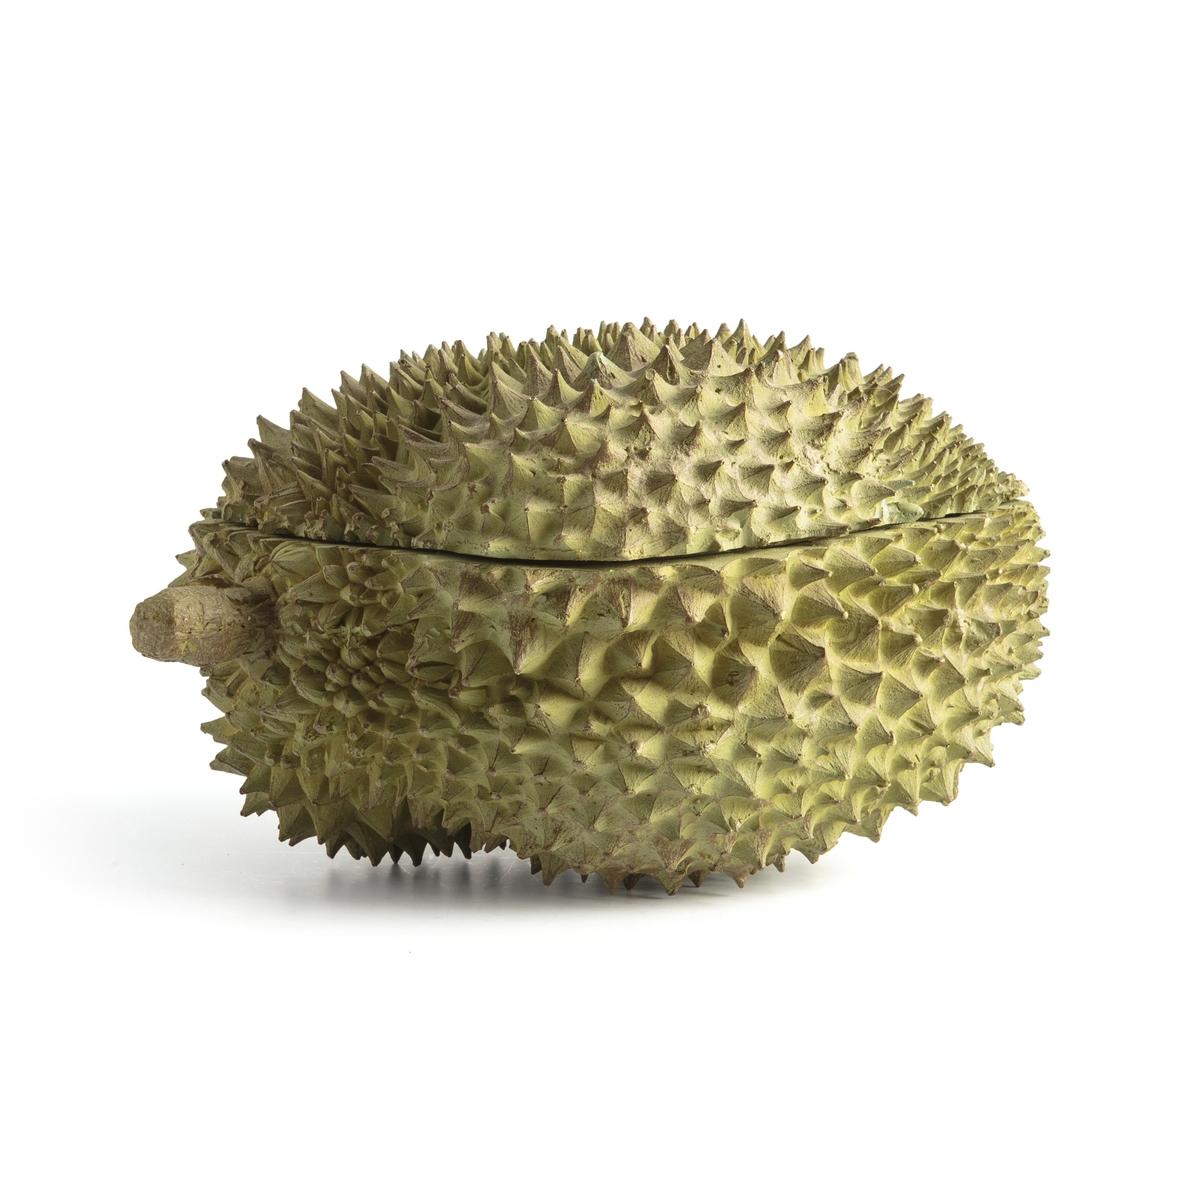 цена Коробка La Redoute Большая модель Durian единый размер зеленый онлайн в 2017 году